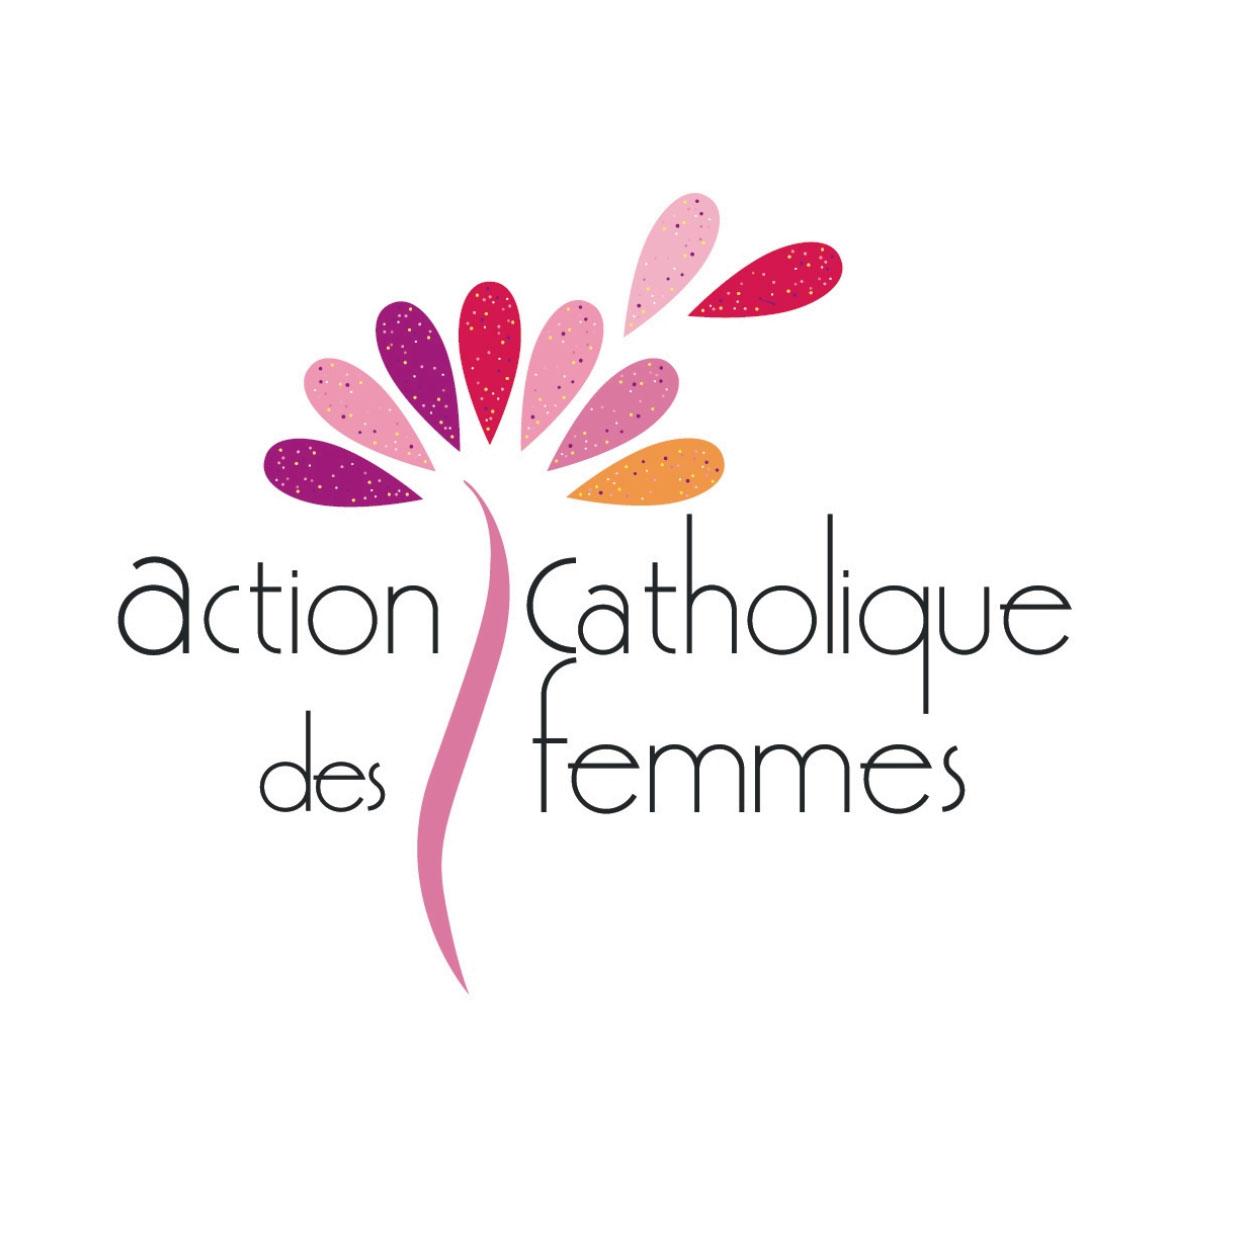 Action cathoplique des femmes